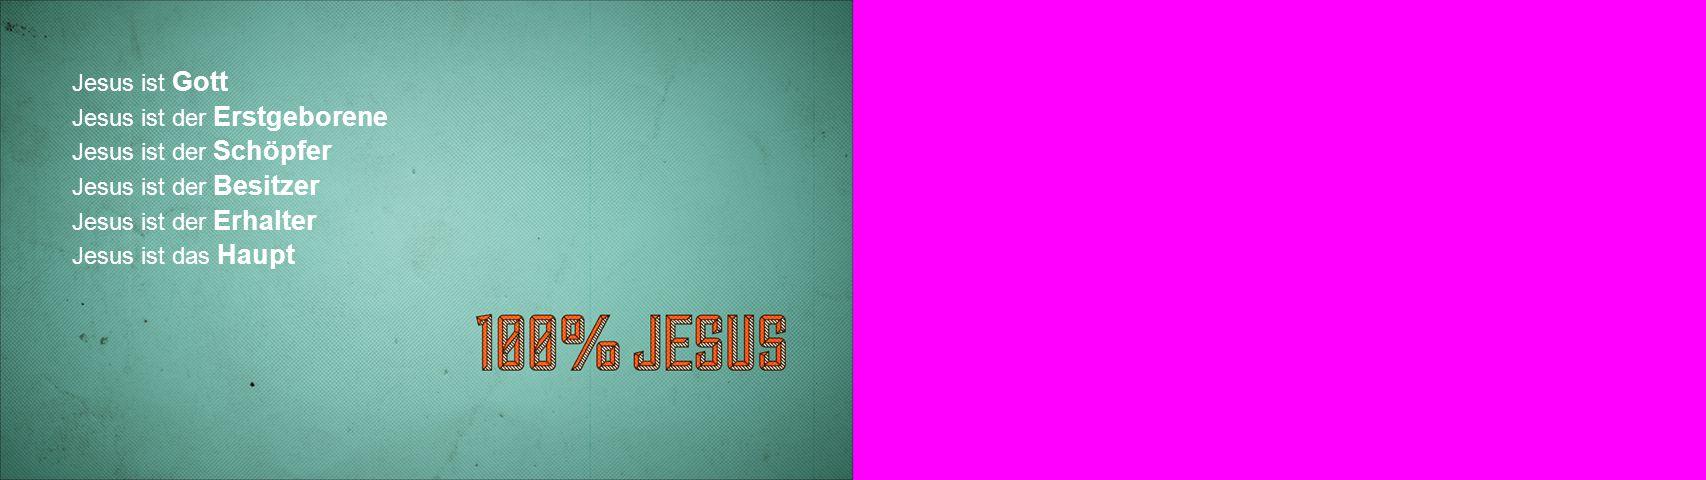 Jesus ist Gott Jesus ist der Erstgeborene Jesus ist der Schöpfer Jesus ist der Besitzer Jesus ist der Erhalter Jesus ist das Haupt